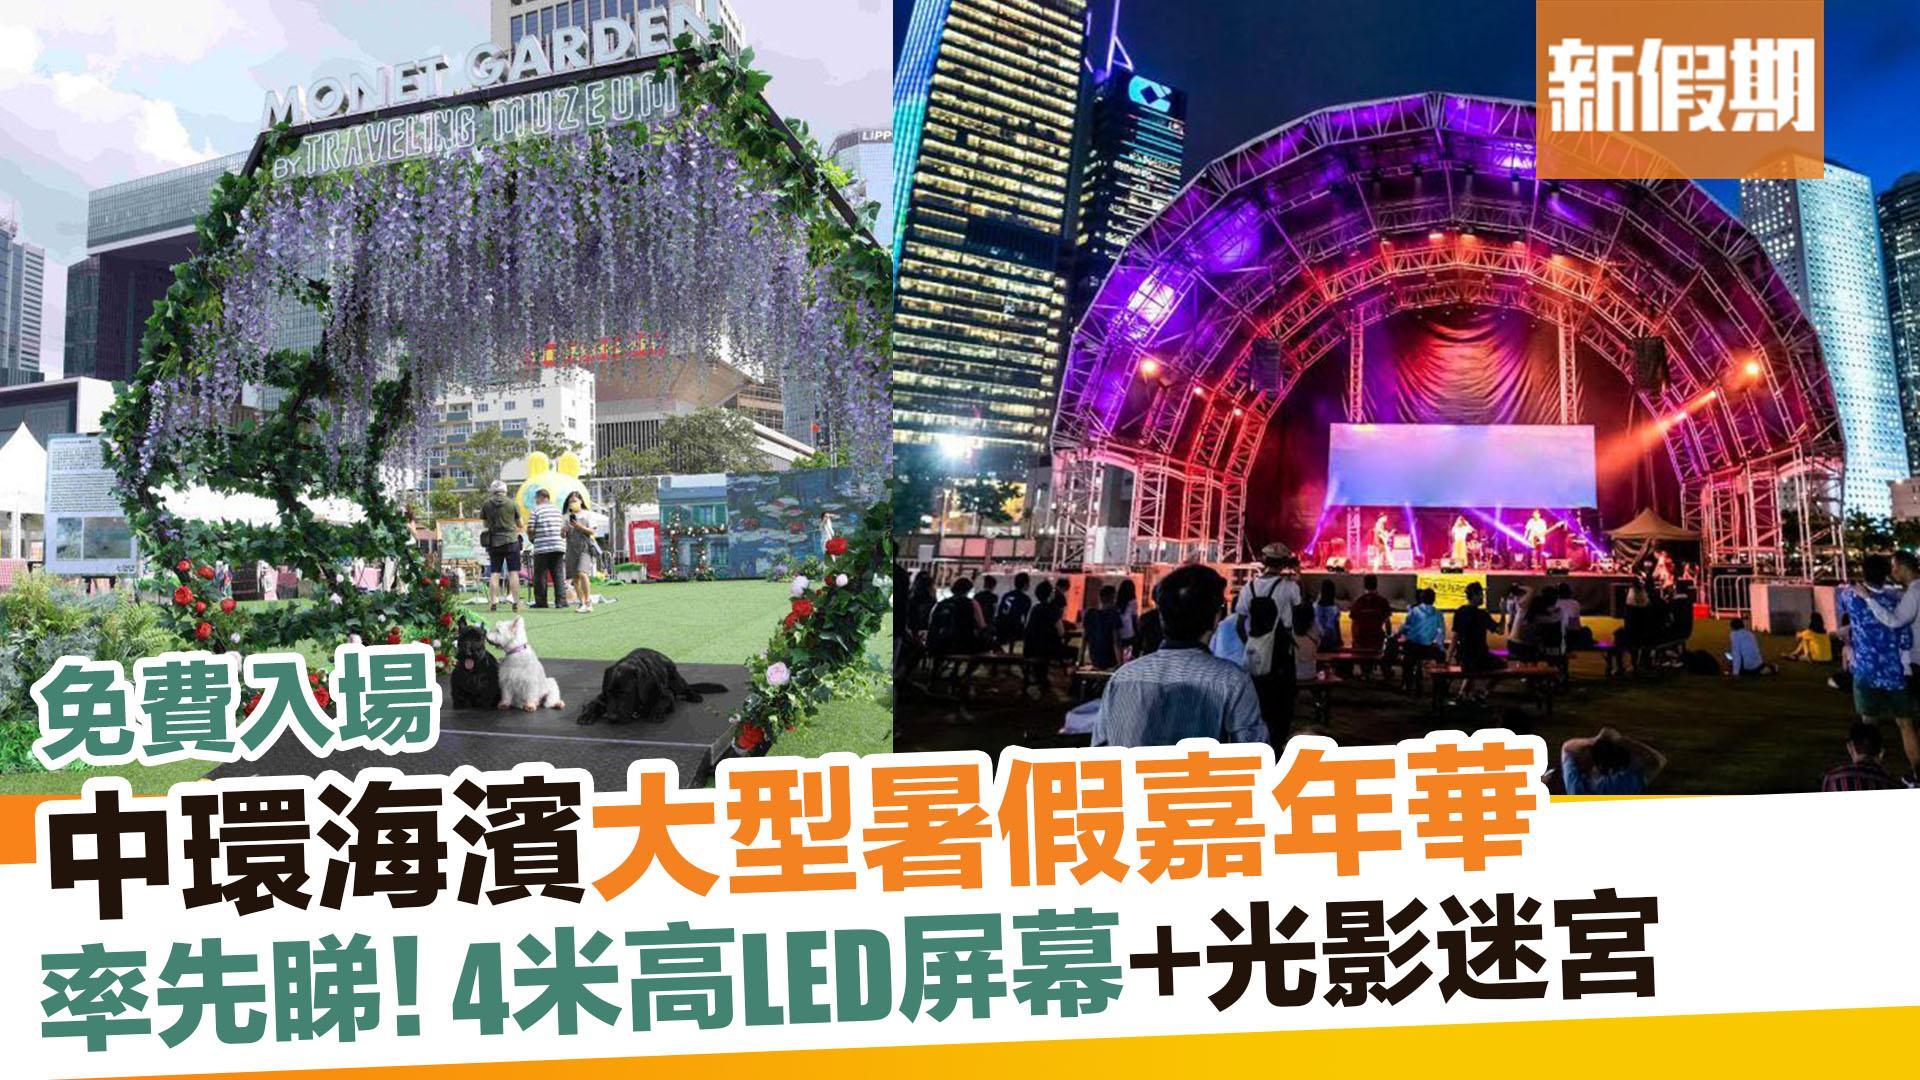 【香港好去處】中環海濱大型暑假嘉年華《中環夏誌》開幕 免費入場!任玩25項活動 新假期